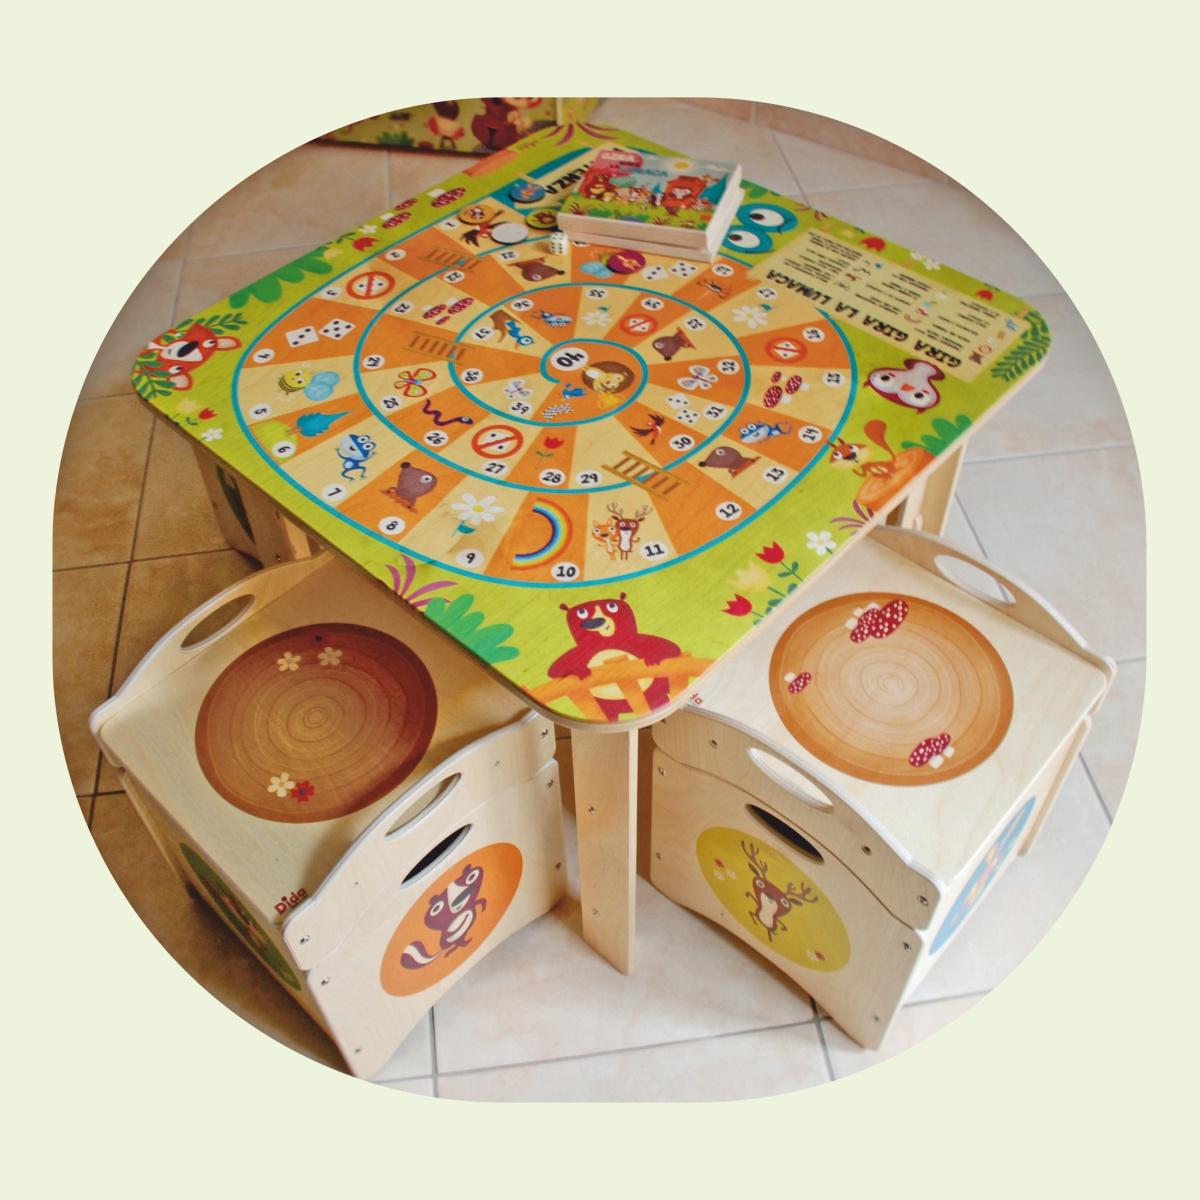 Tavolo gioco bambino in legno rivisitazione del gioco - Tavolo contenitore bambini ...